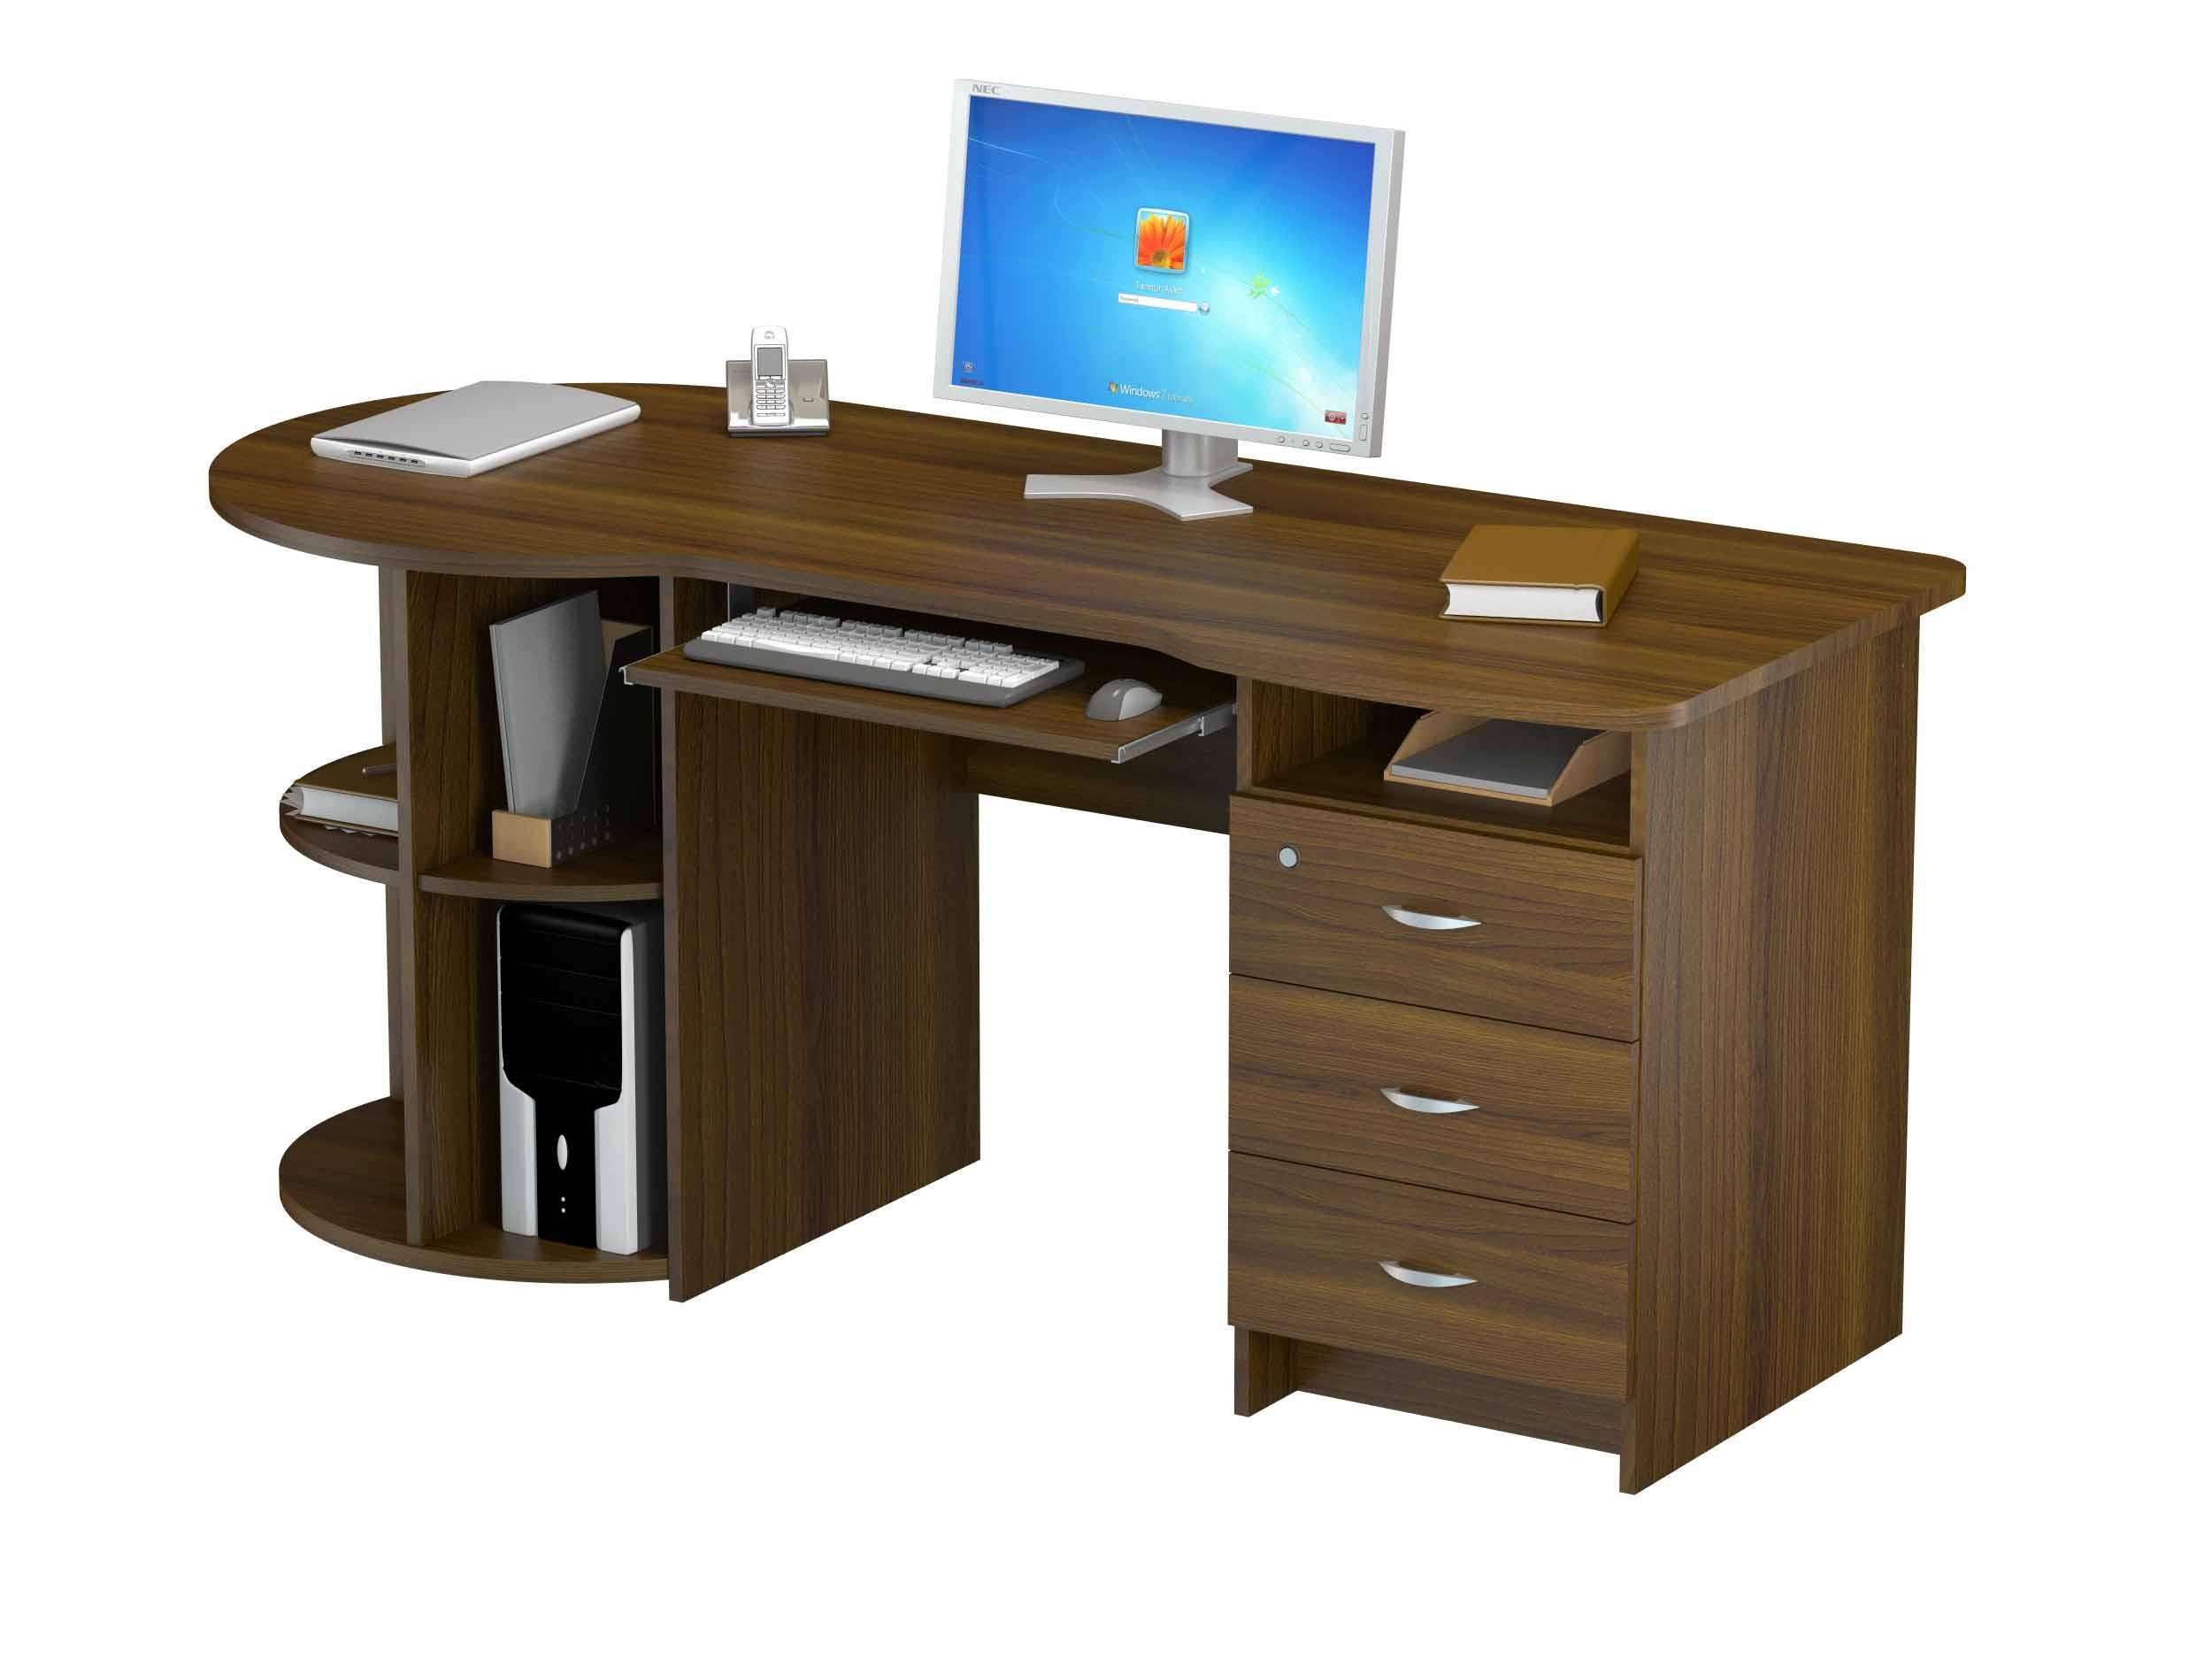 Купить компьютерный стол пс 40-02 м1 цена=10891р 06.01.2018.